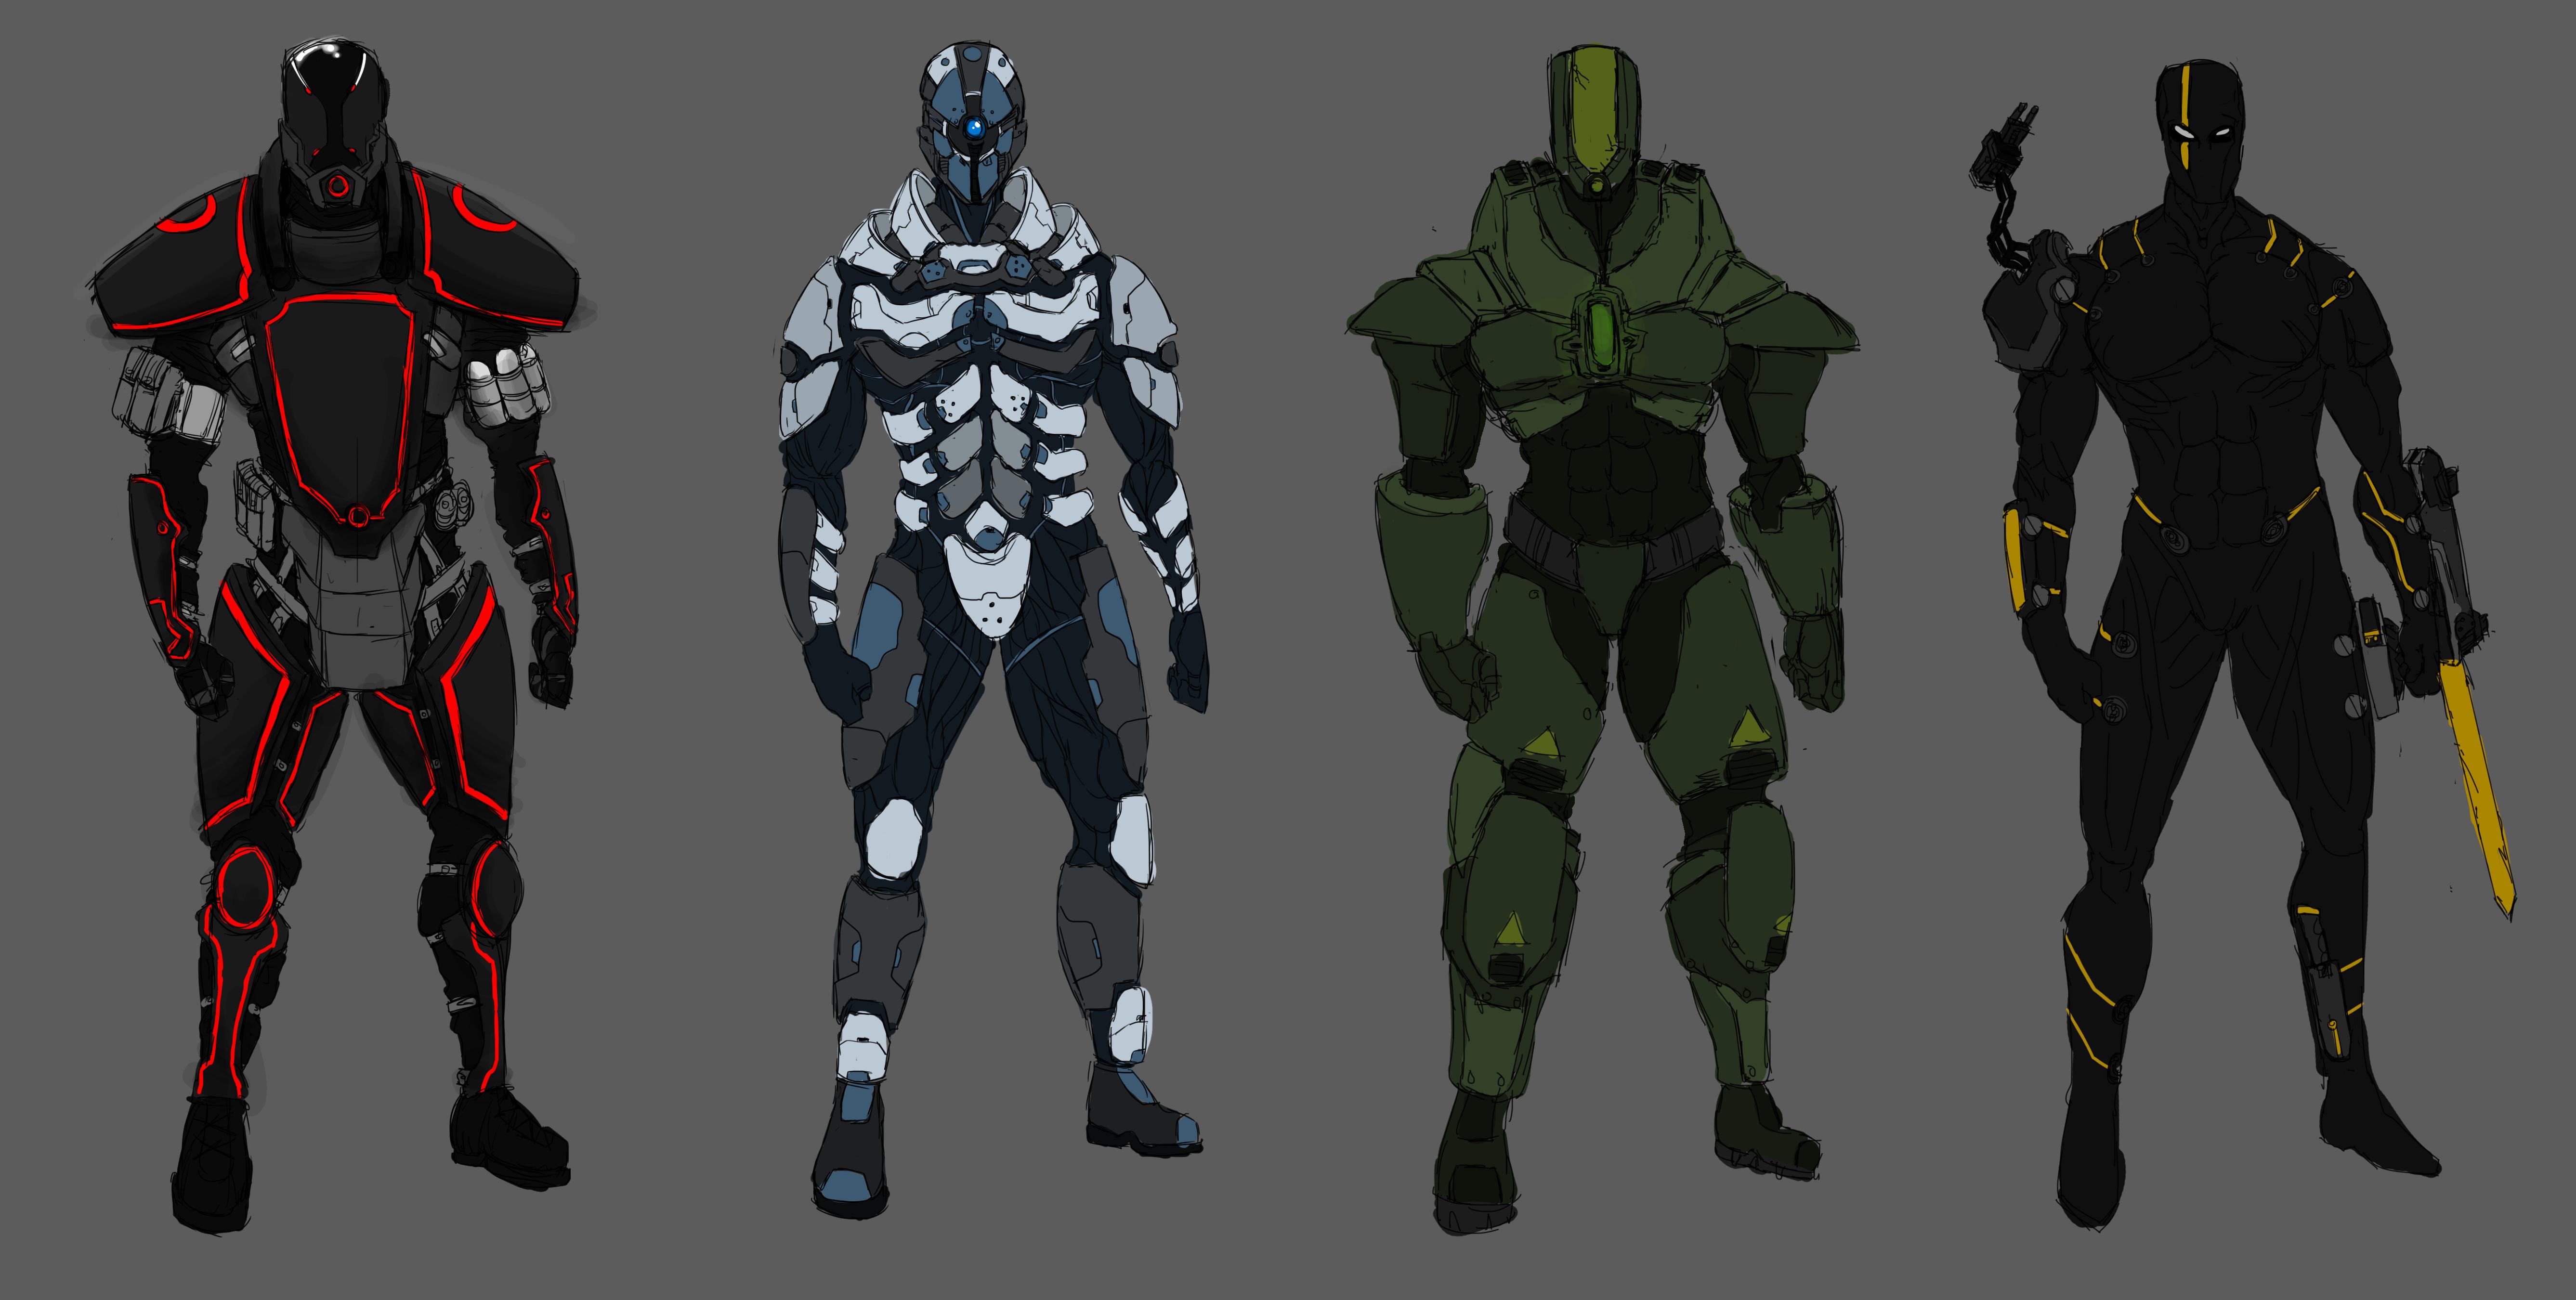 Sci-Fi Suit Designs